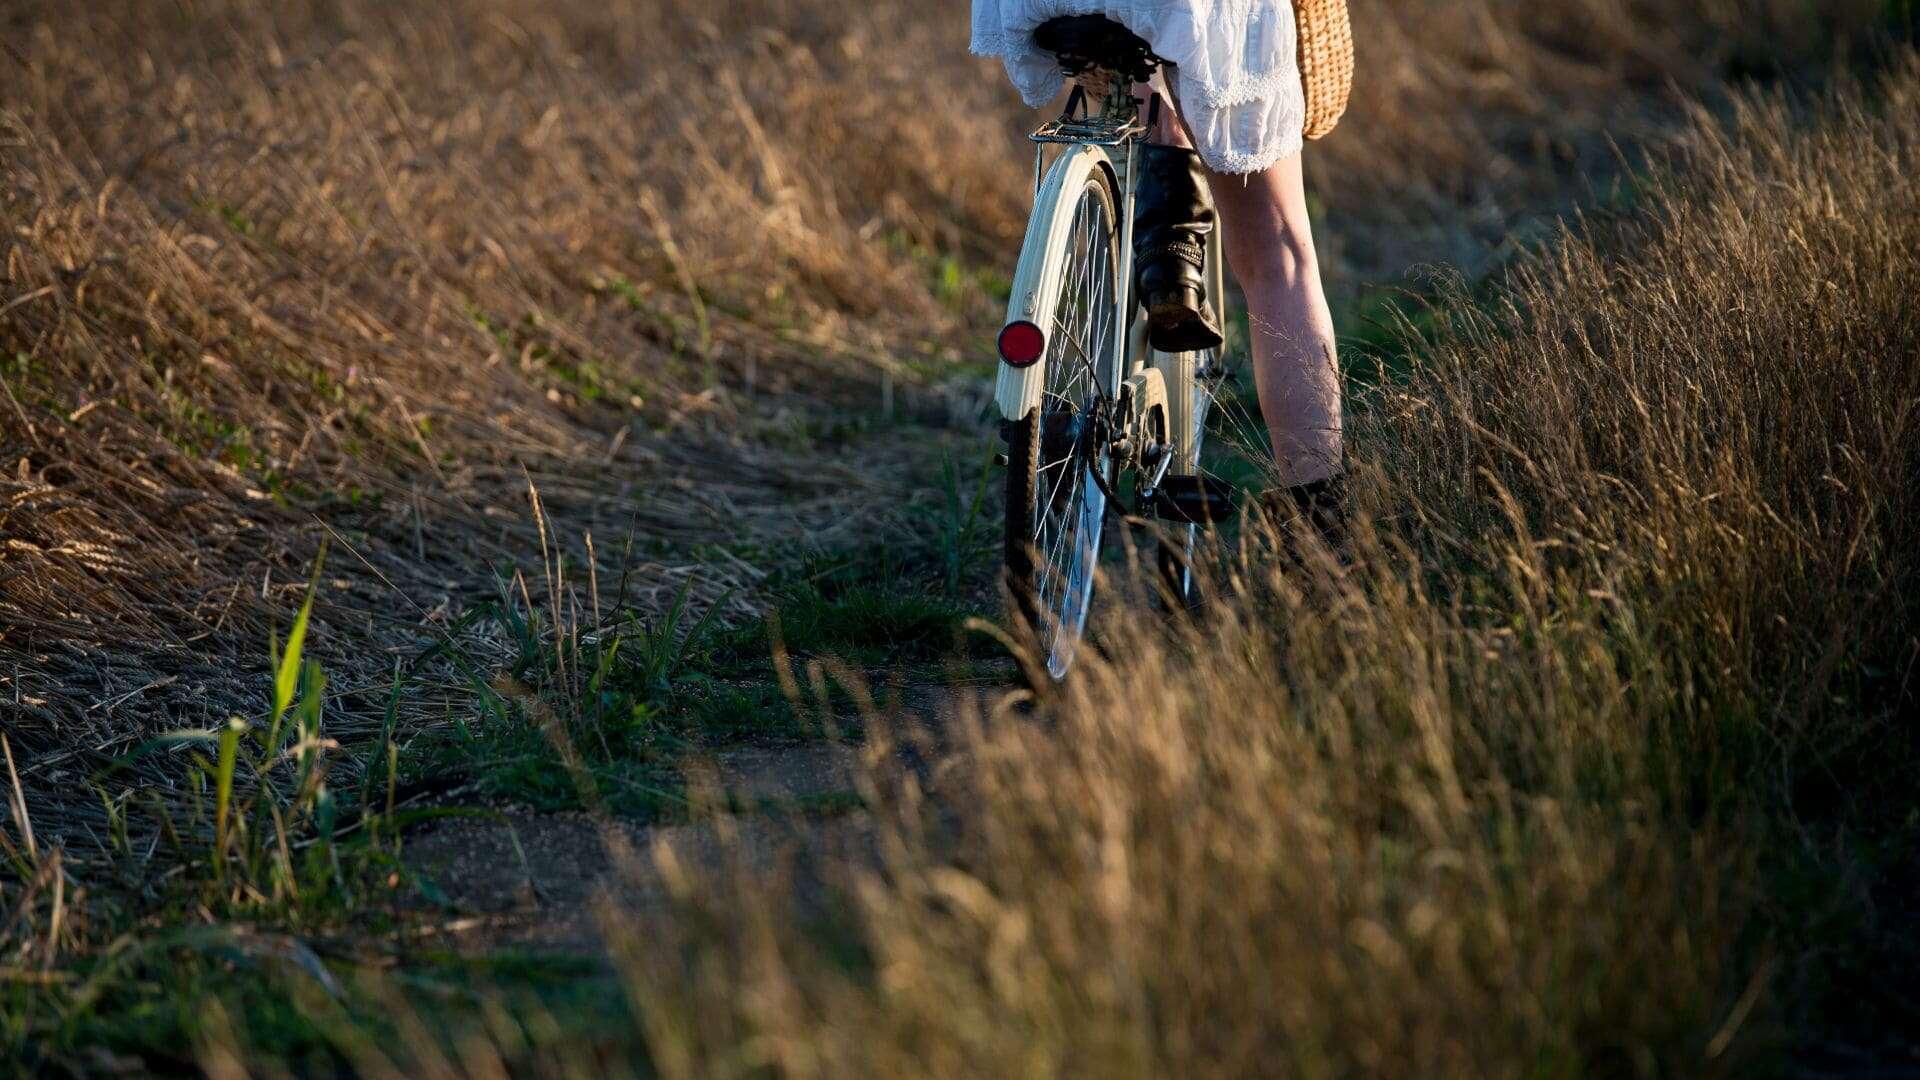 Tres rutas en bicicleta para pedalear el verano y disfrutarlo sobre ruedas